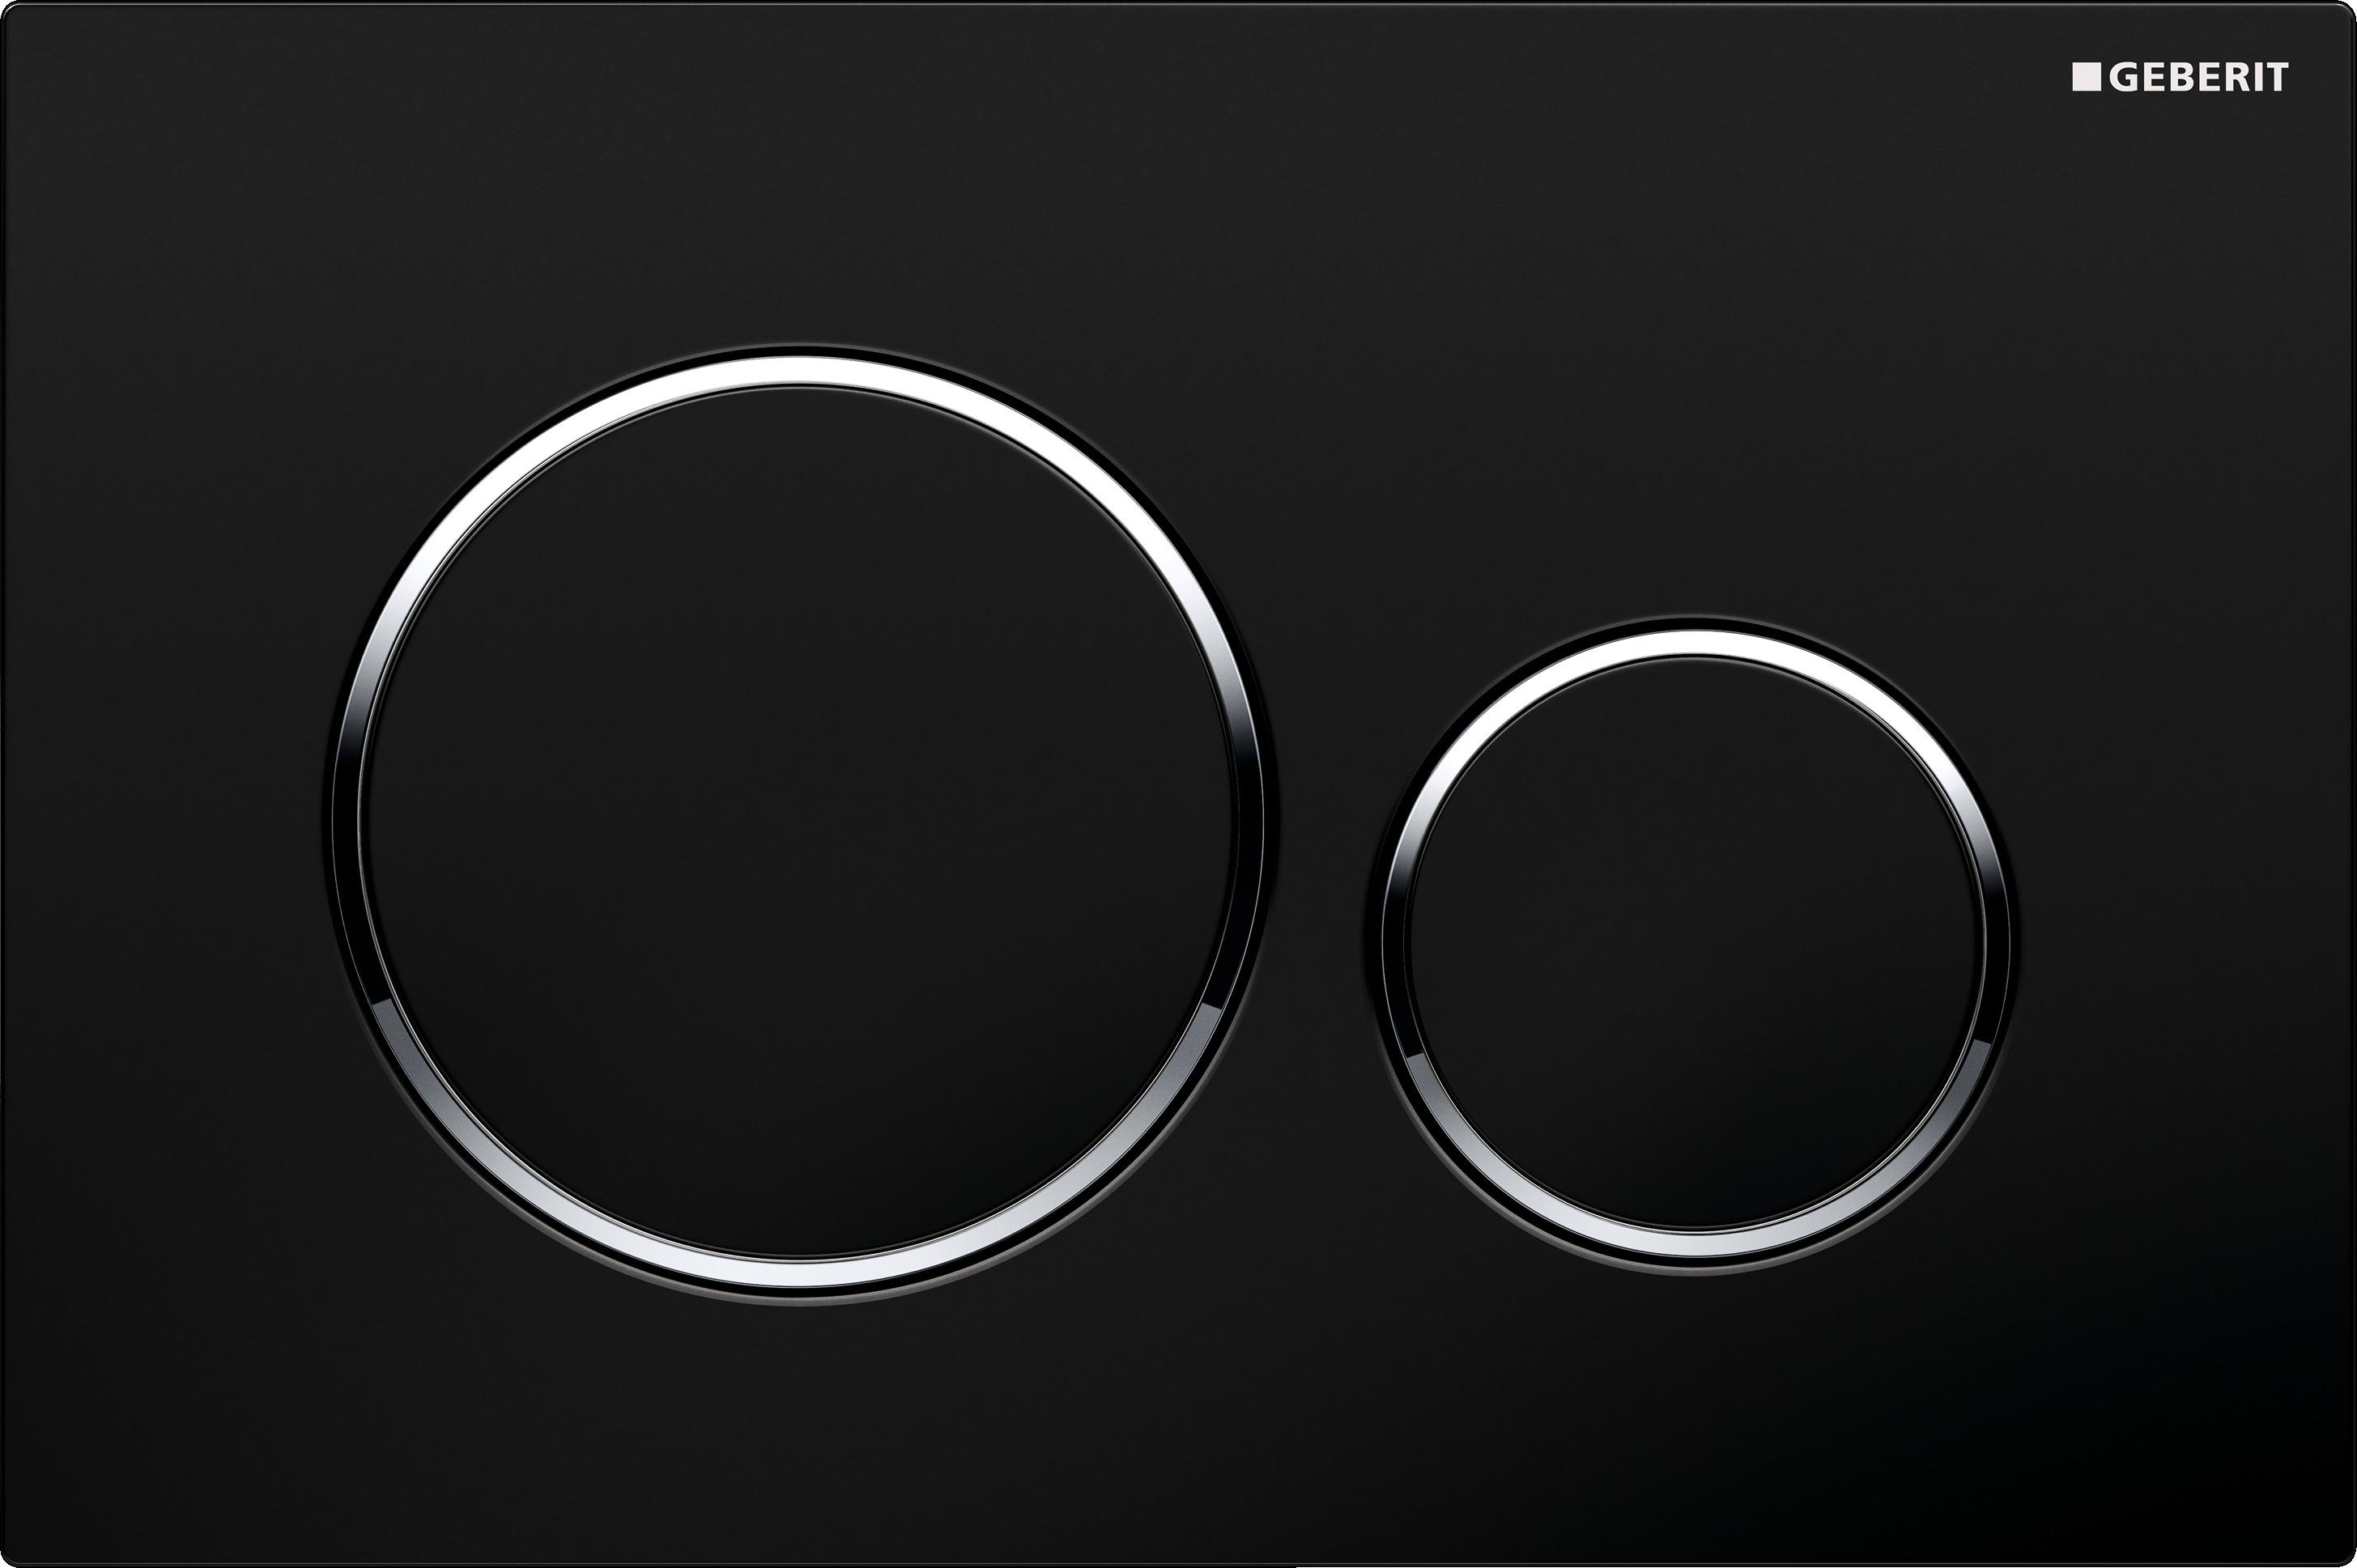 czarna spłuczka Sigma20 black bright chrome black, jest całkowicie płaska z dużym i mniejszym kółkiem